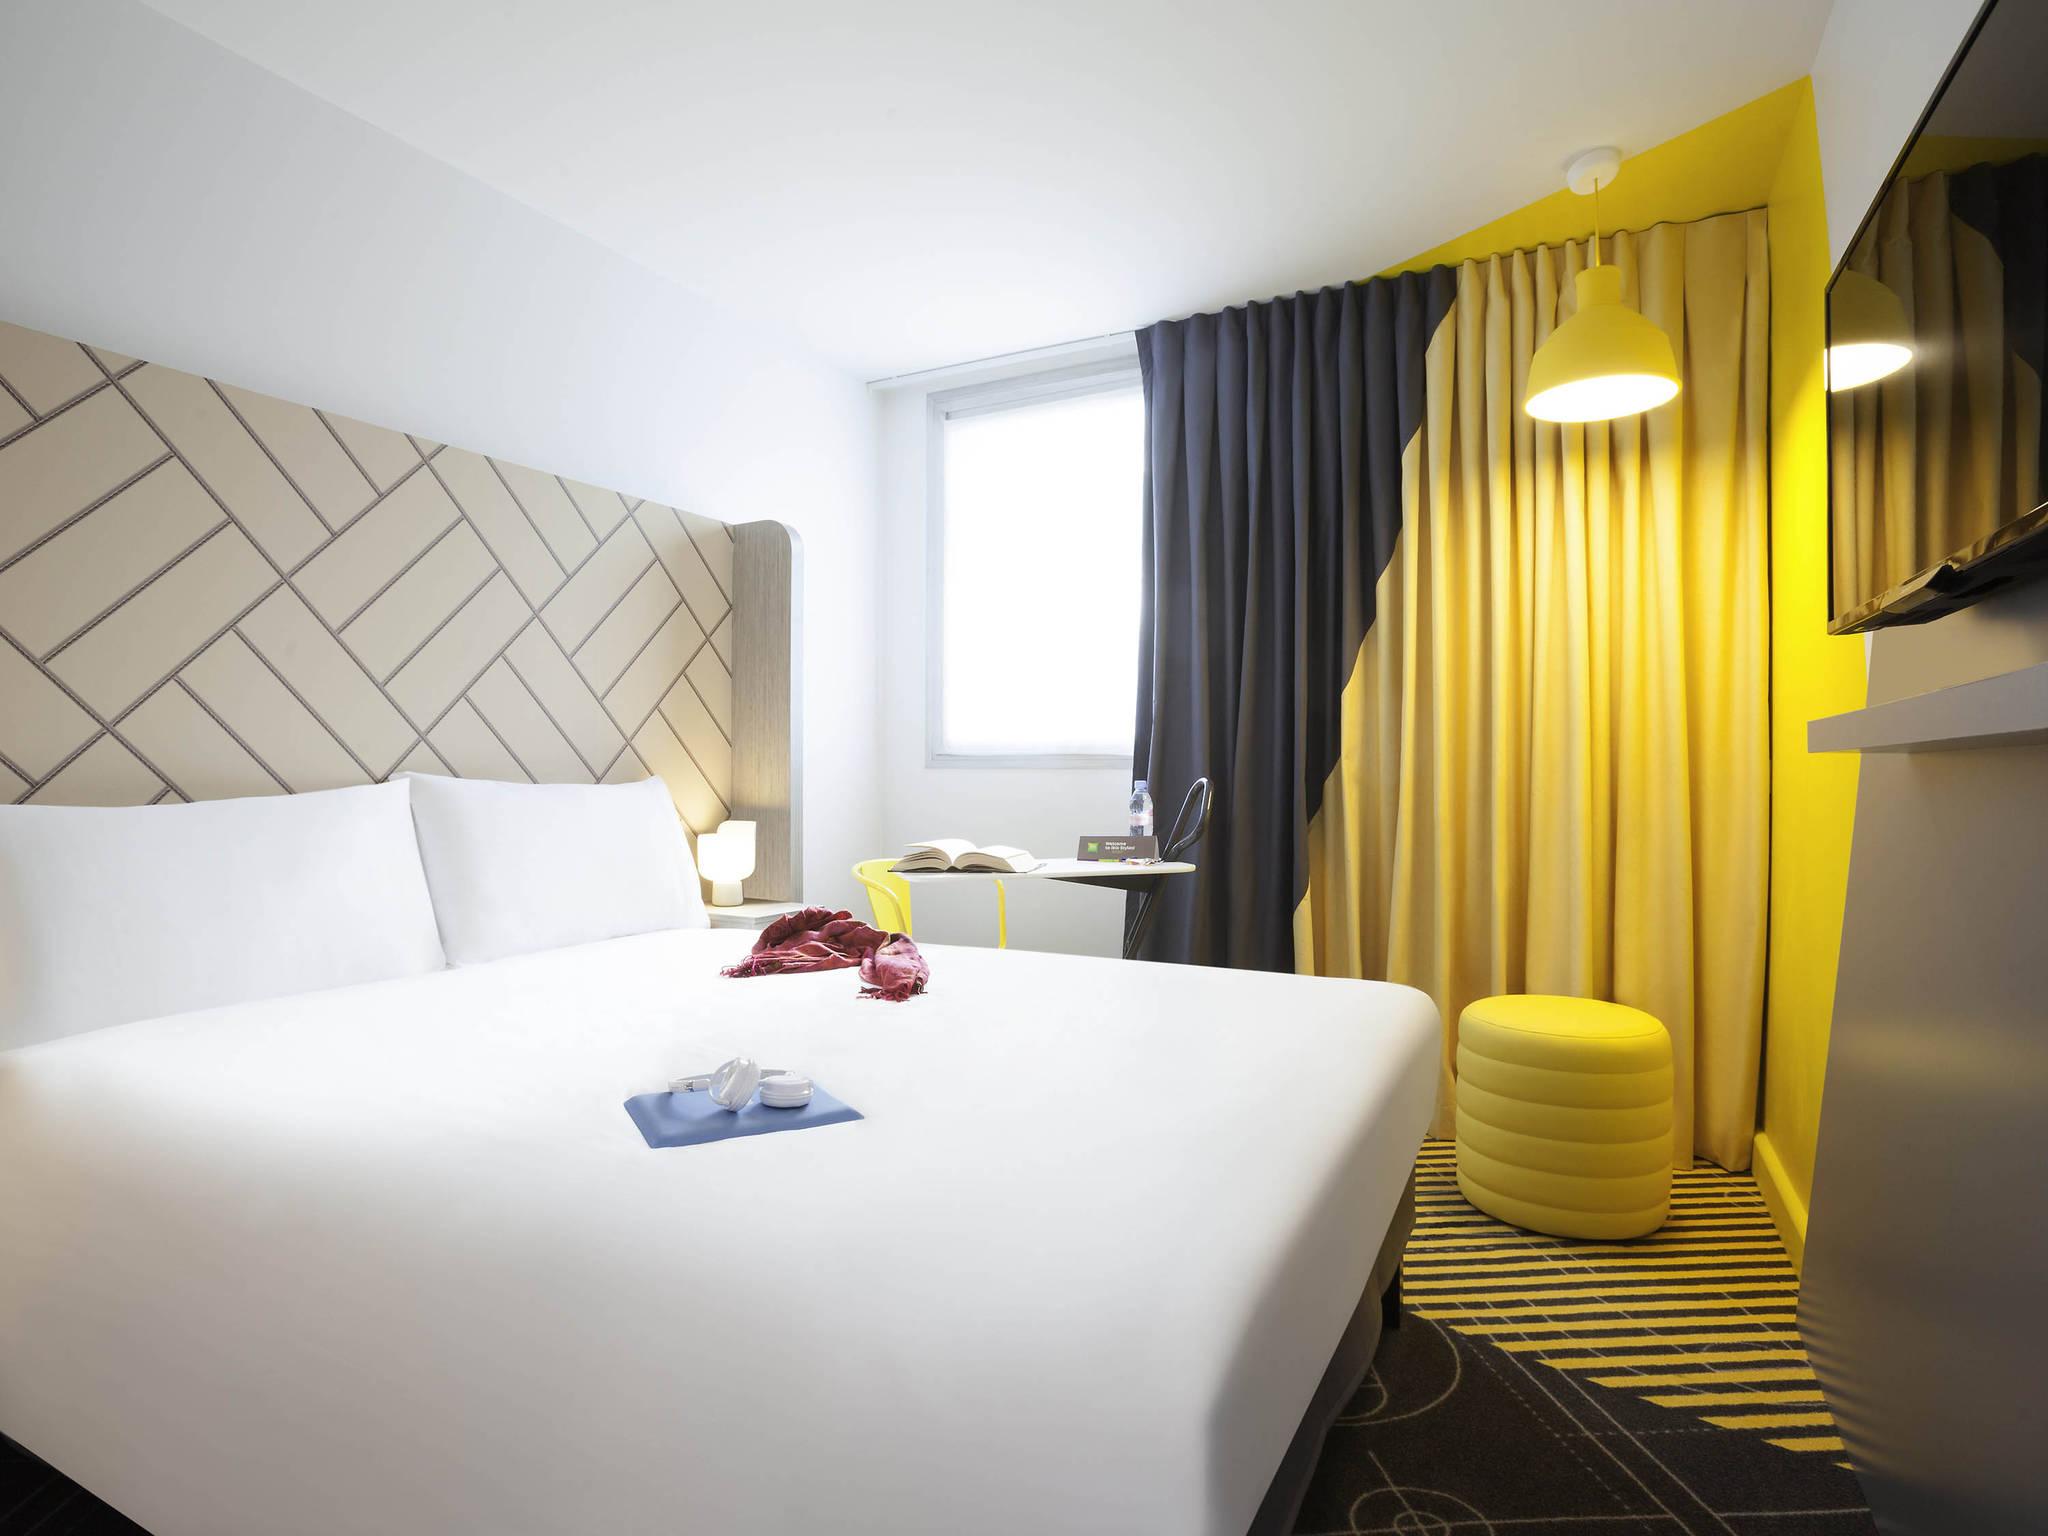 فندق - فندق باريس ماسينا أولمبياد Massena Olympiades، إيبيس ستايلز ibis